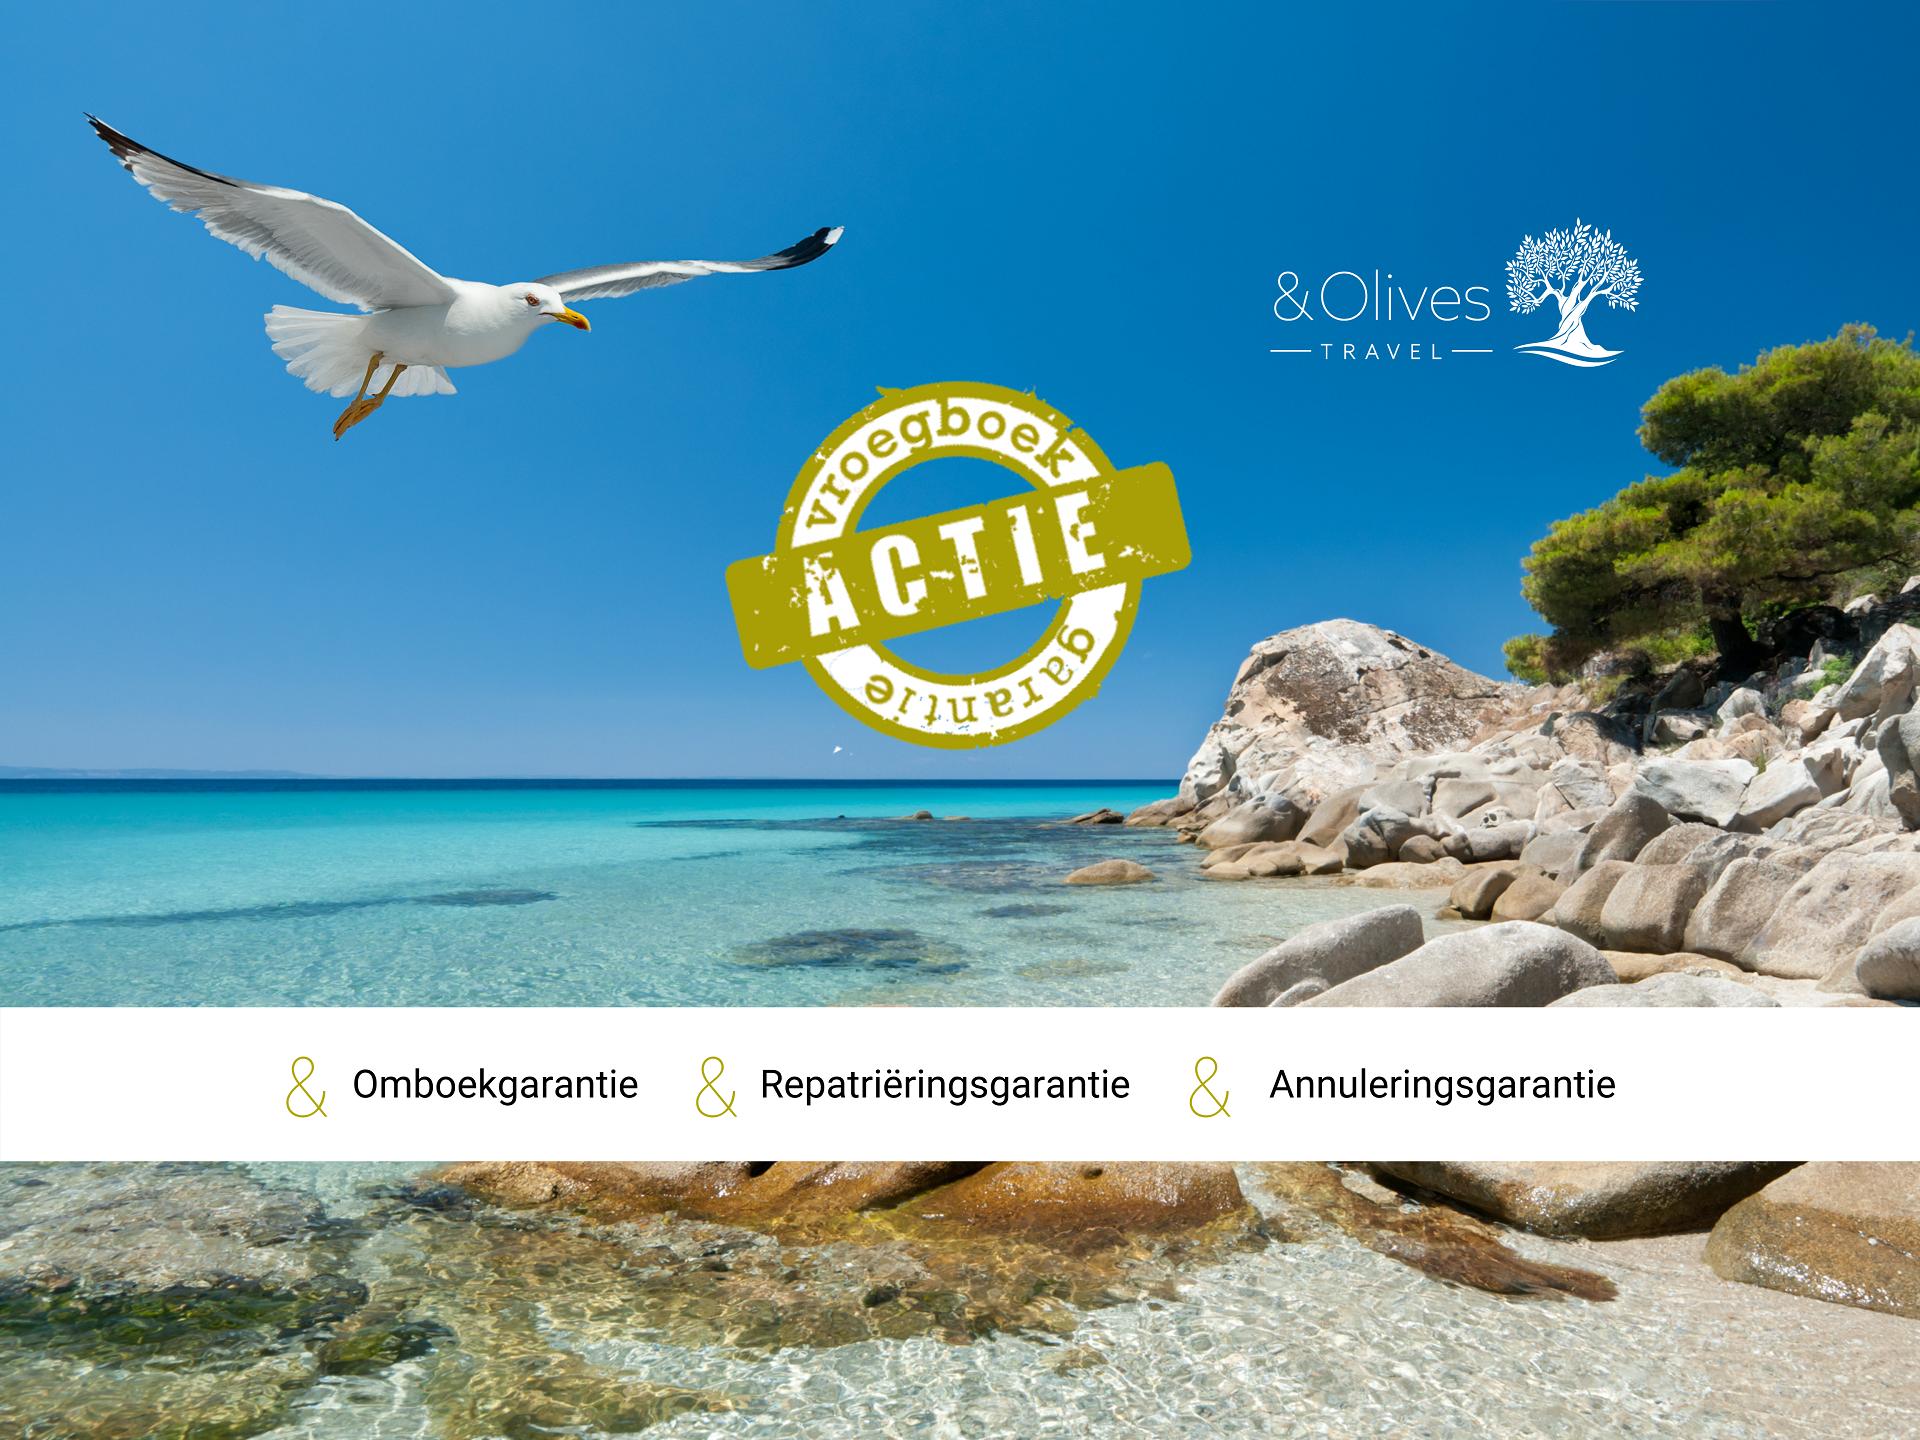 Boek nu jouw vakantie bij Olives Travel en maak gebruik van onze geweldige voorwaarden!